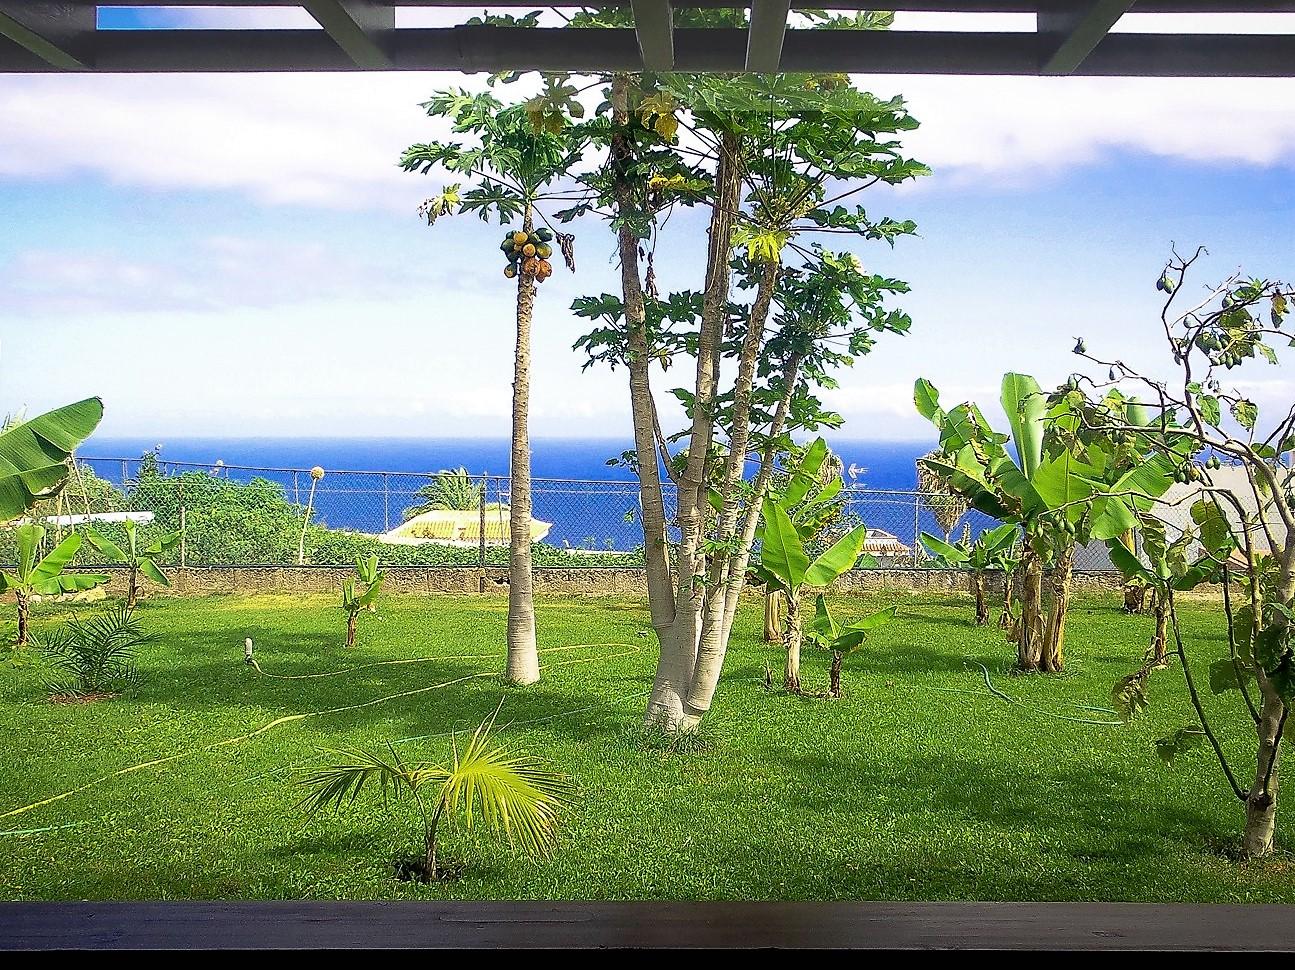 Ferienhaus Teneriffa Nord Icod de los Vinos Garten und exotische Pflanzen